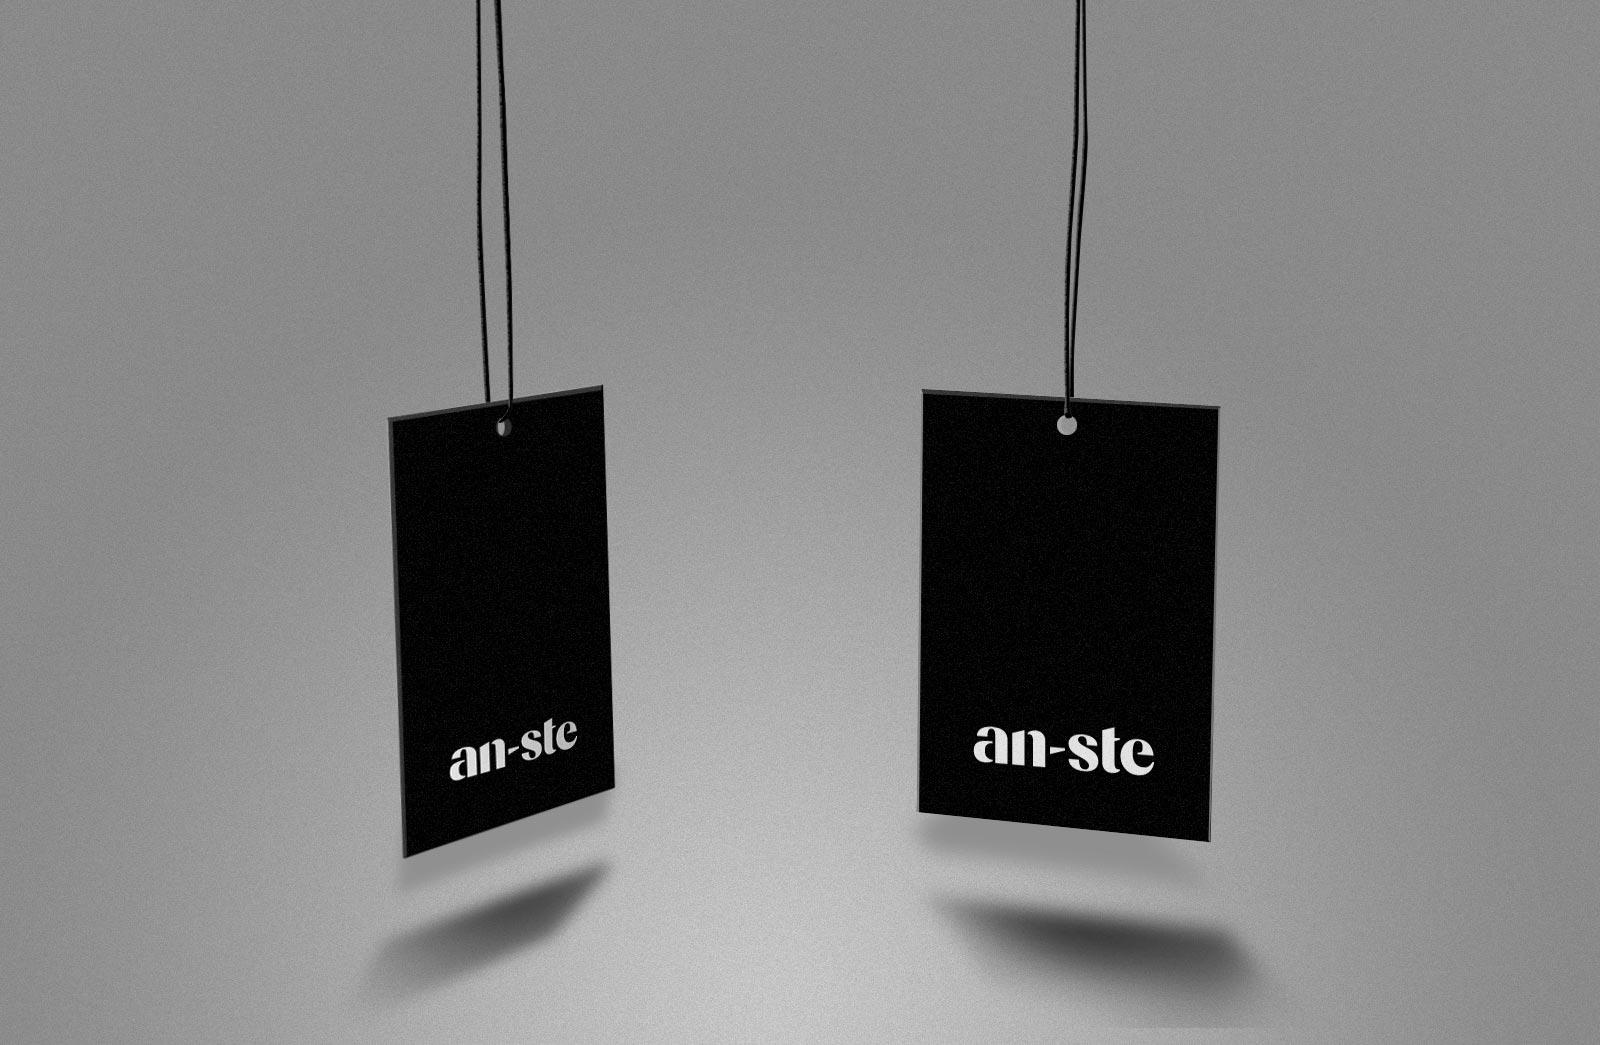 02_Tag_Hanging